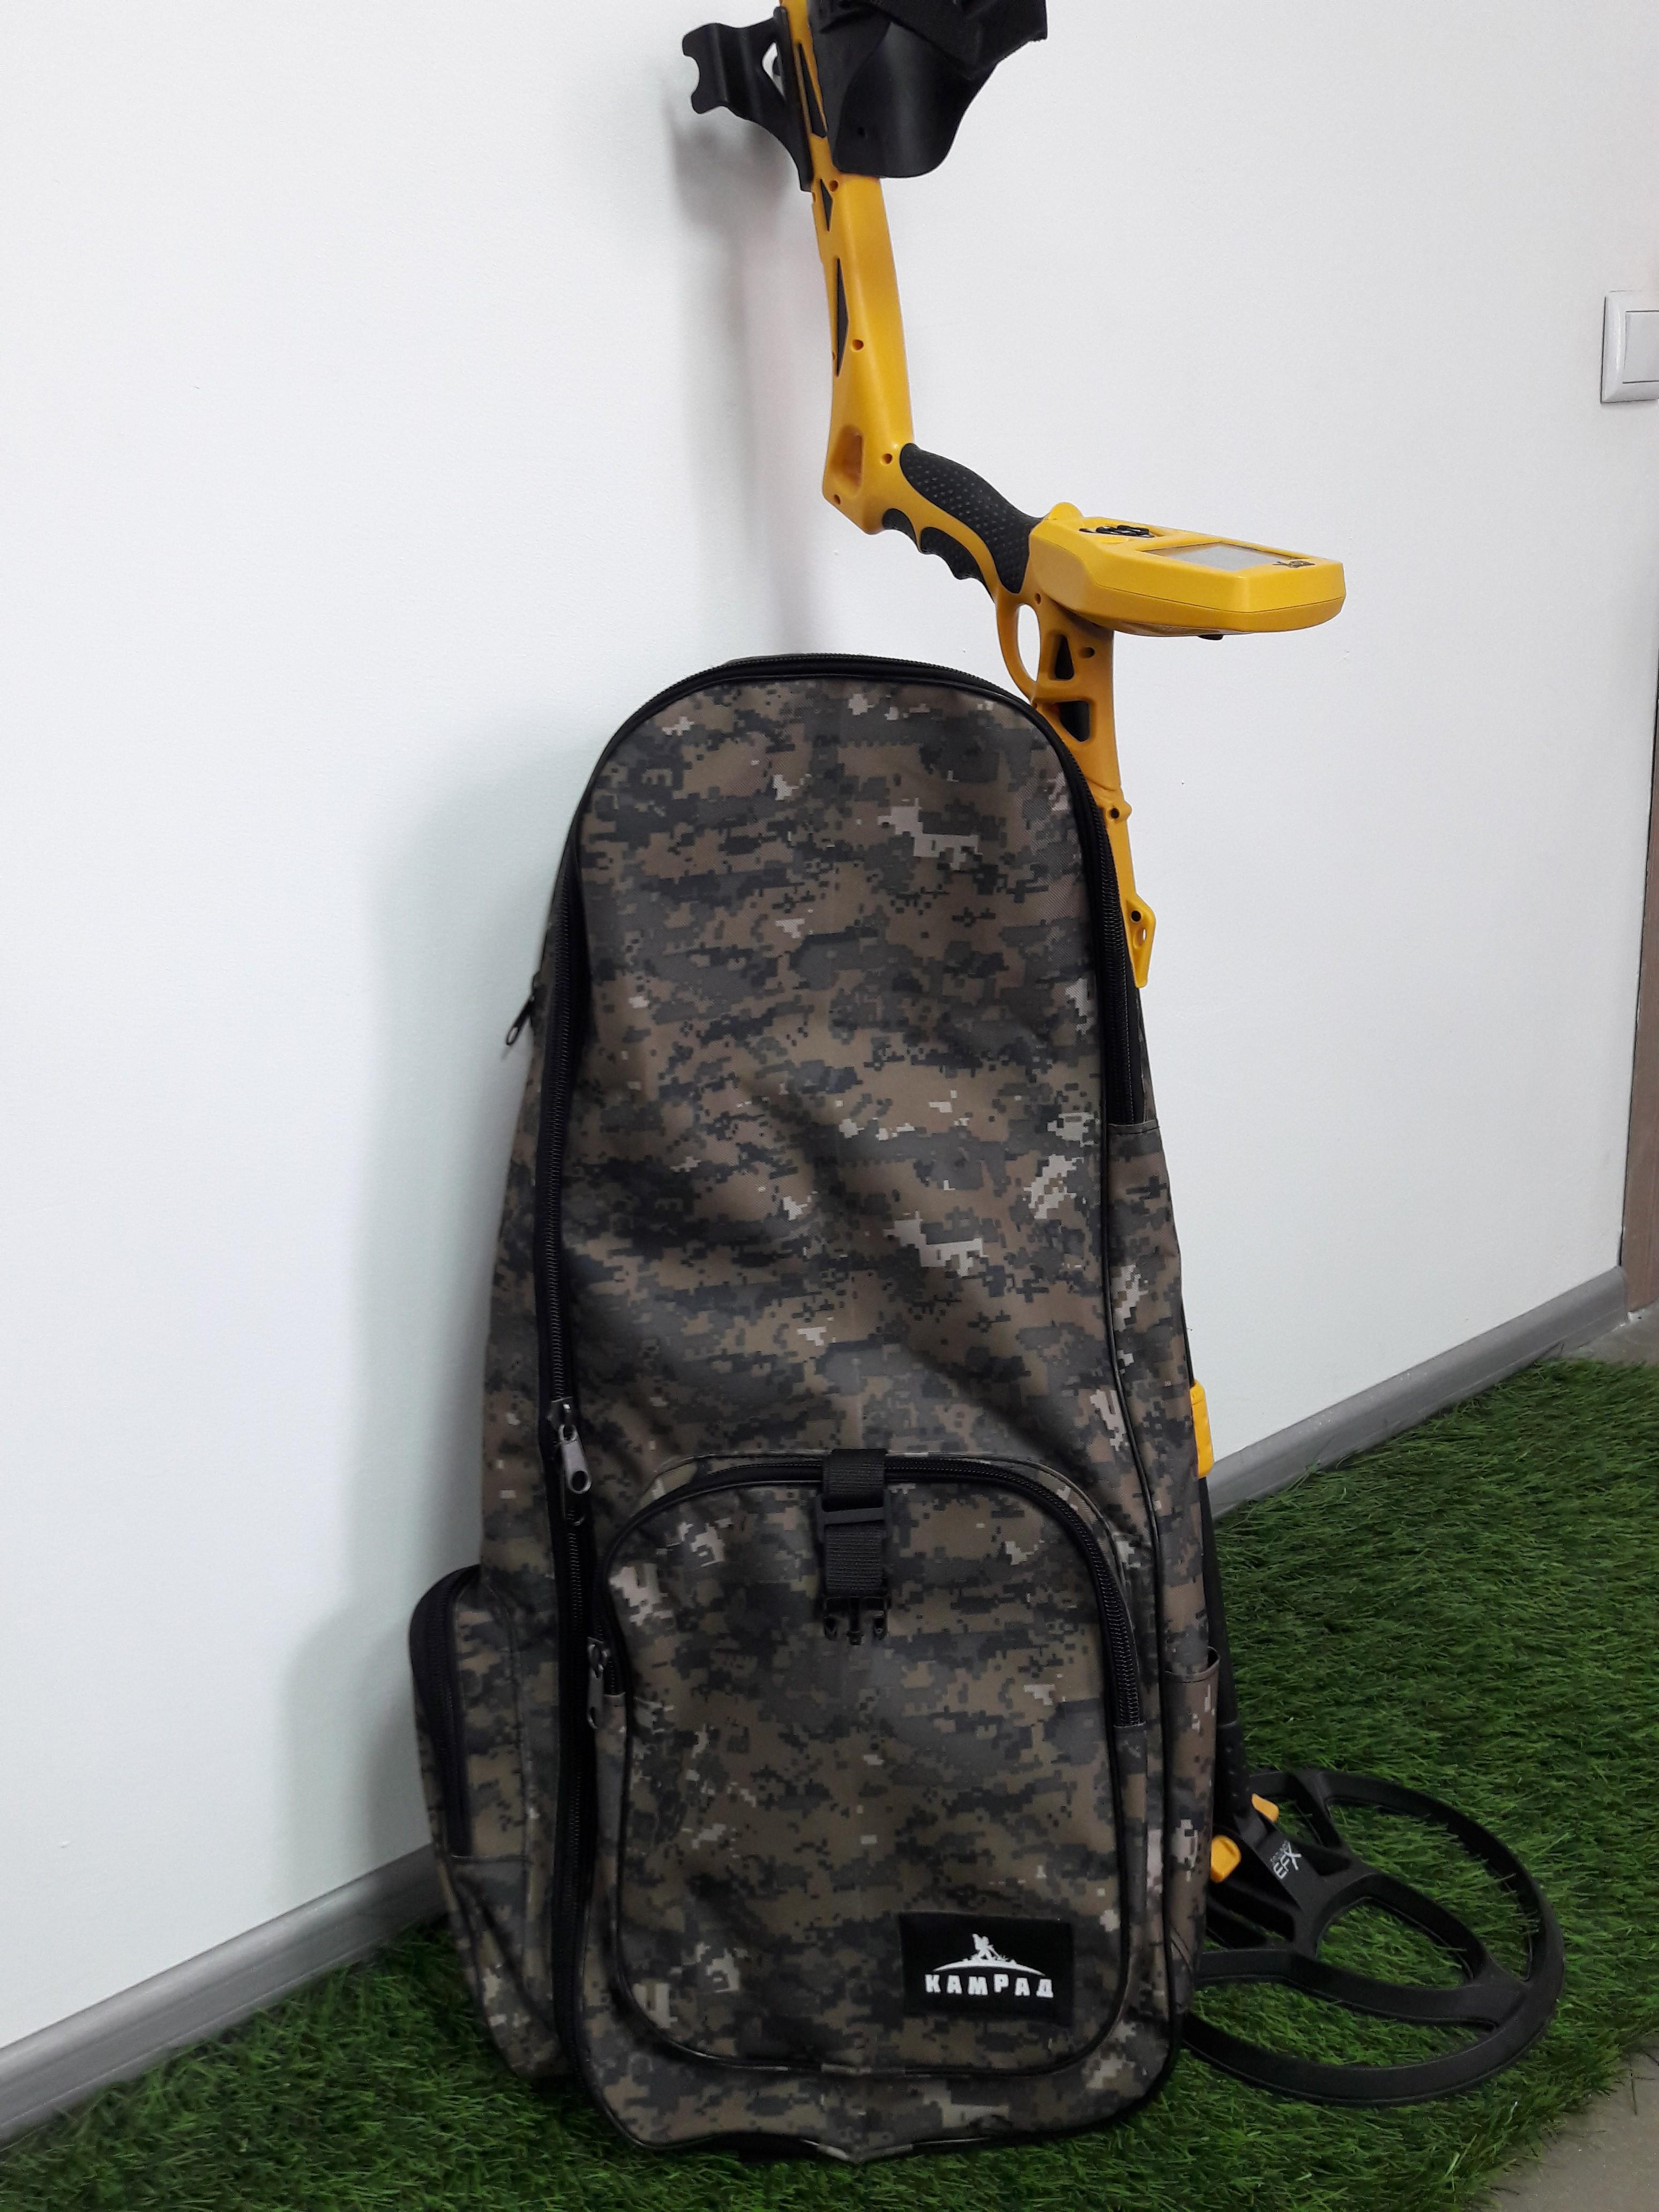 Рюкзак для кладоискателя sport big слинго рюкзак зимой